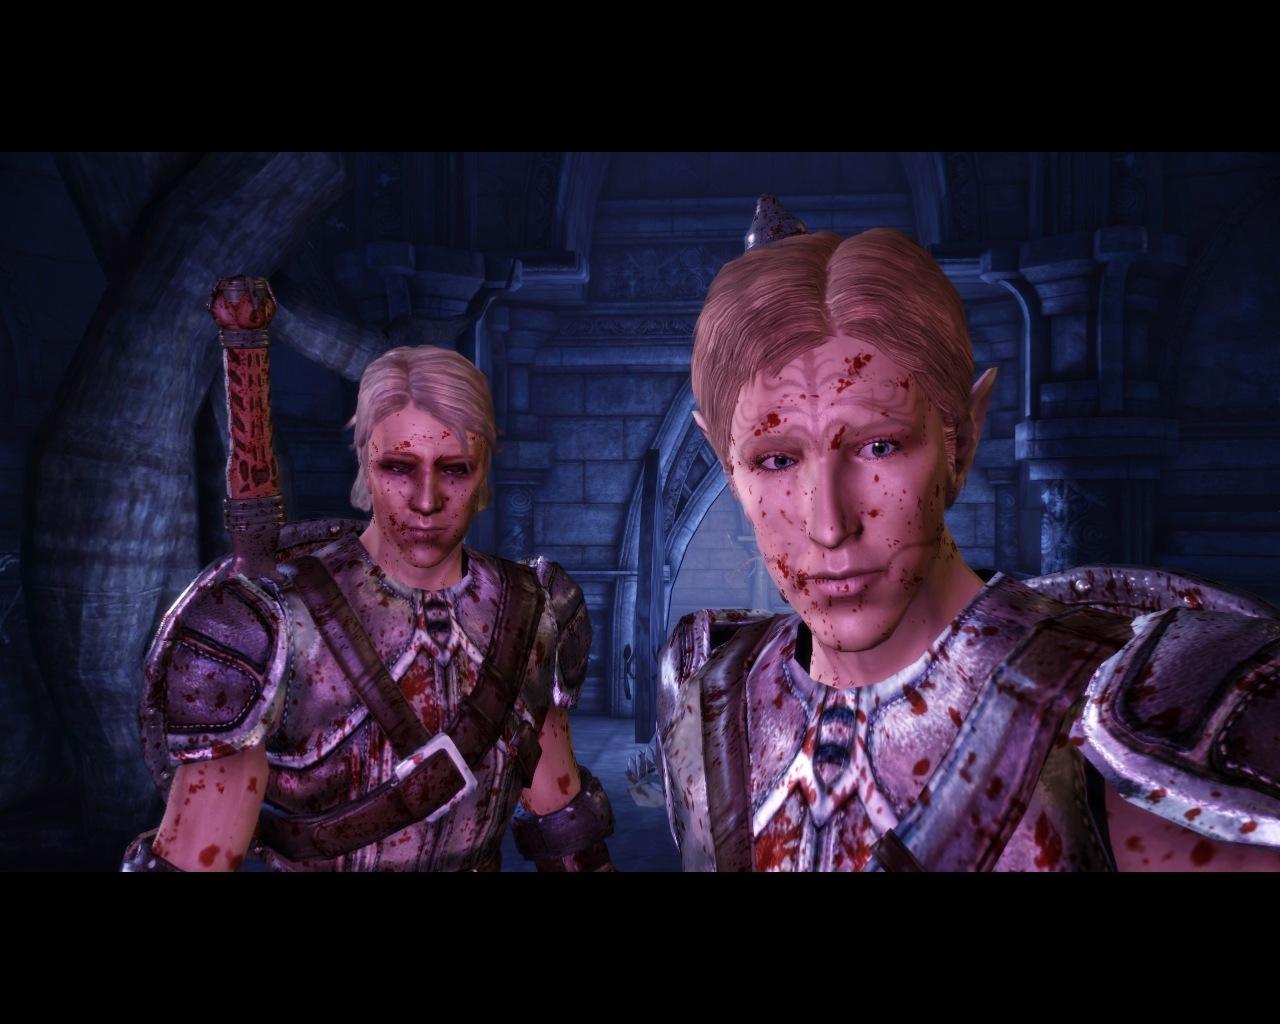 http://image.jeuxvideo.com/images/pc/d/r/dragon-age-origins-pc-393.jpg